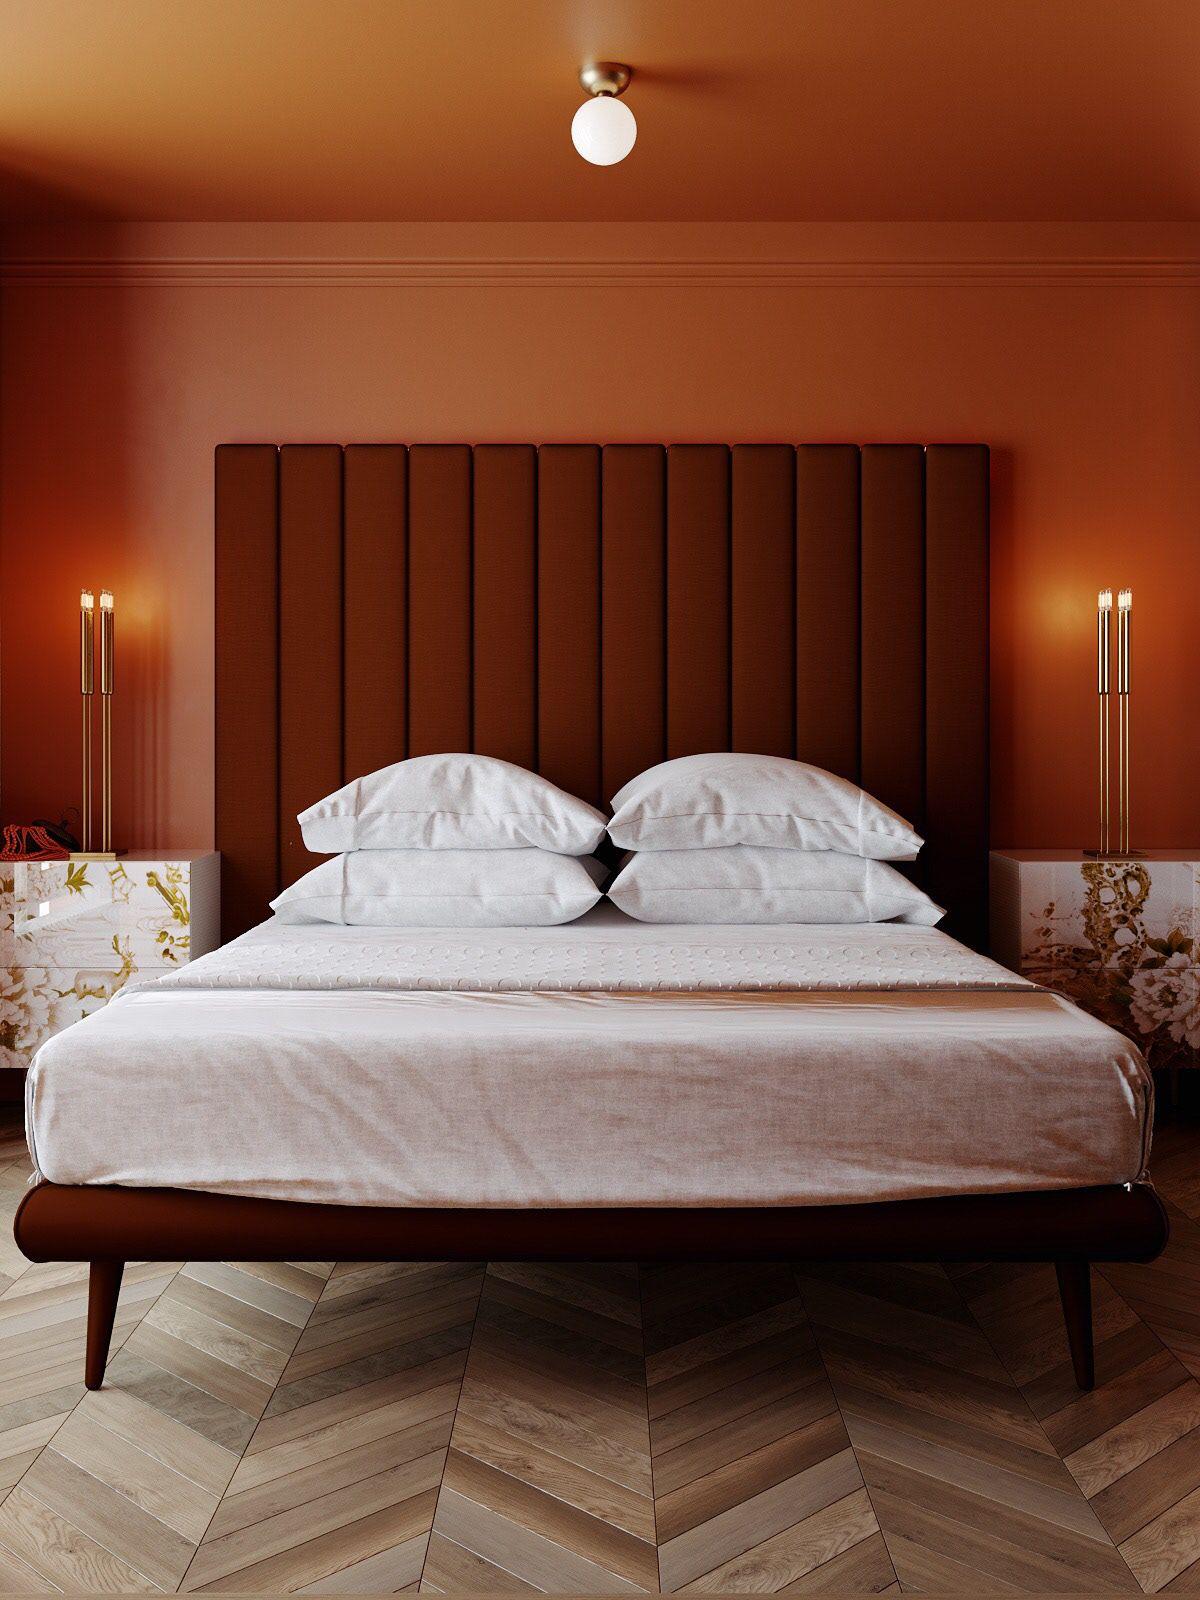 Project Hd Chaj I Pryanik On Behance In 2020 Modern Bedroom